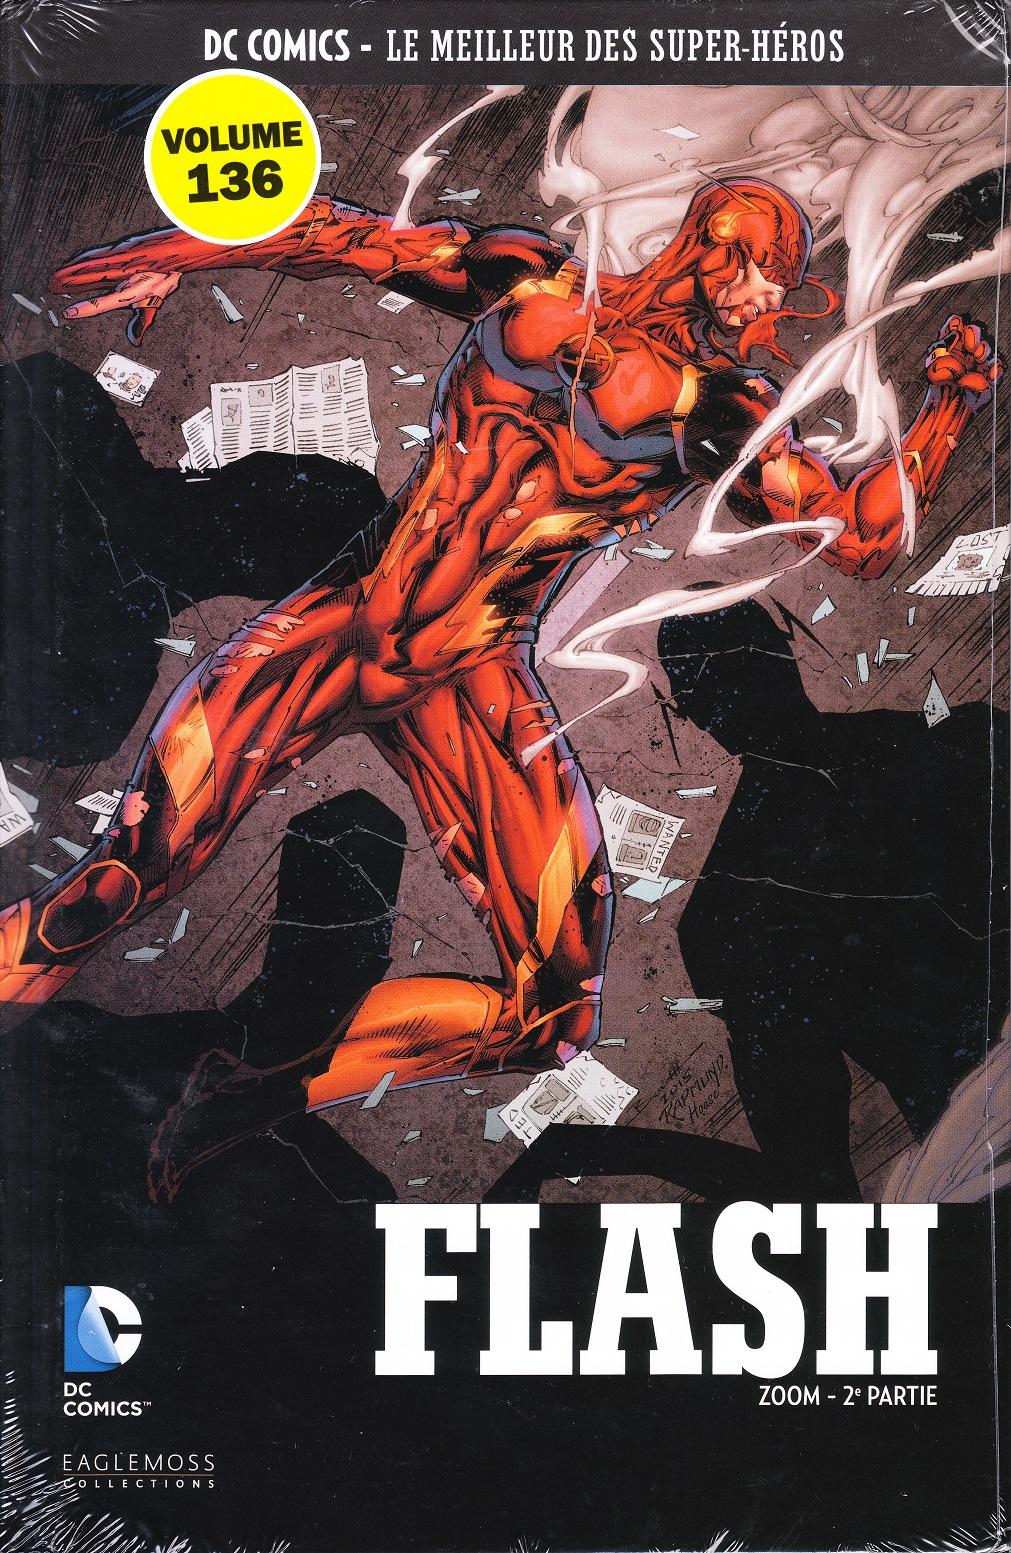 DC Comics - Le Meilleur des Super-Héros 136 - Flash : Zoom - 2e partie